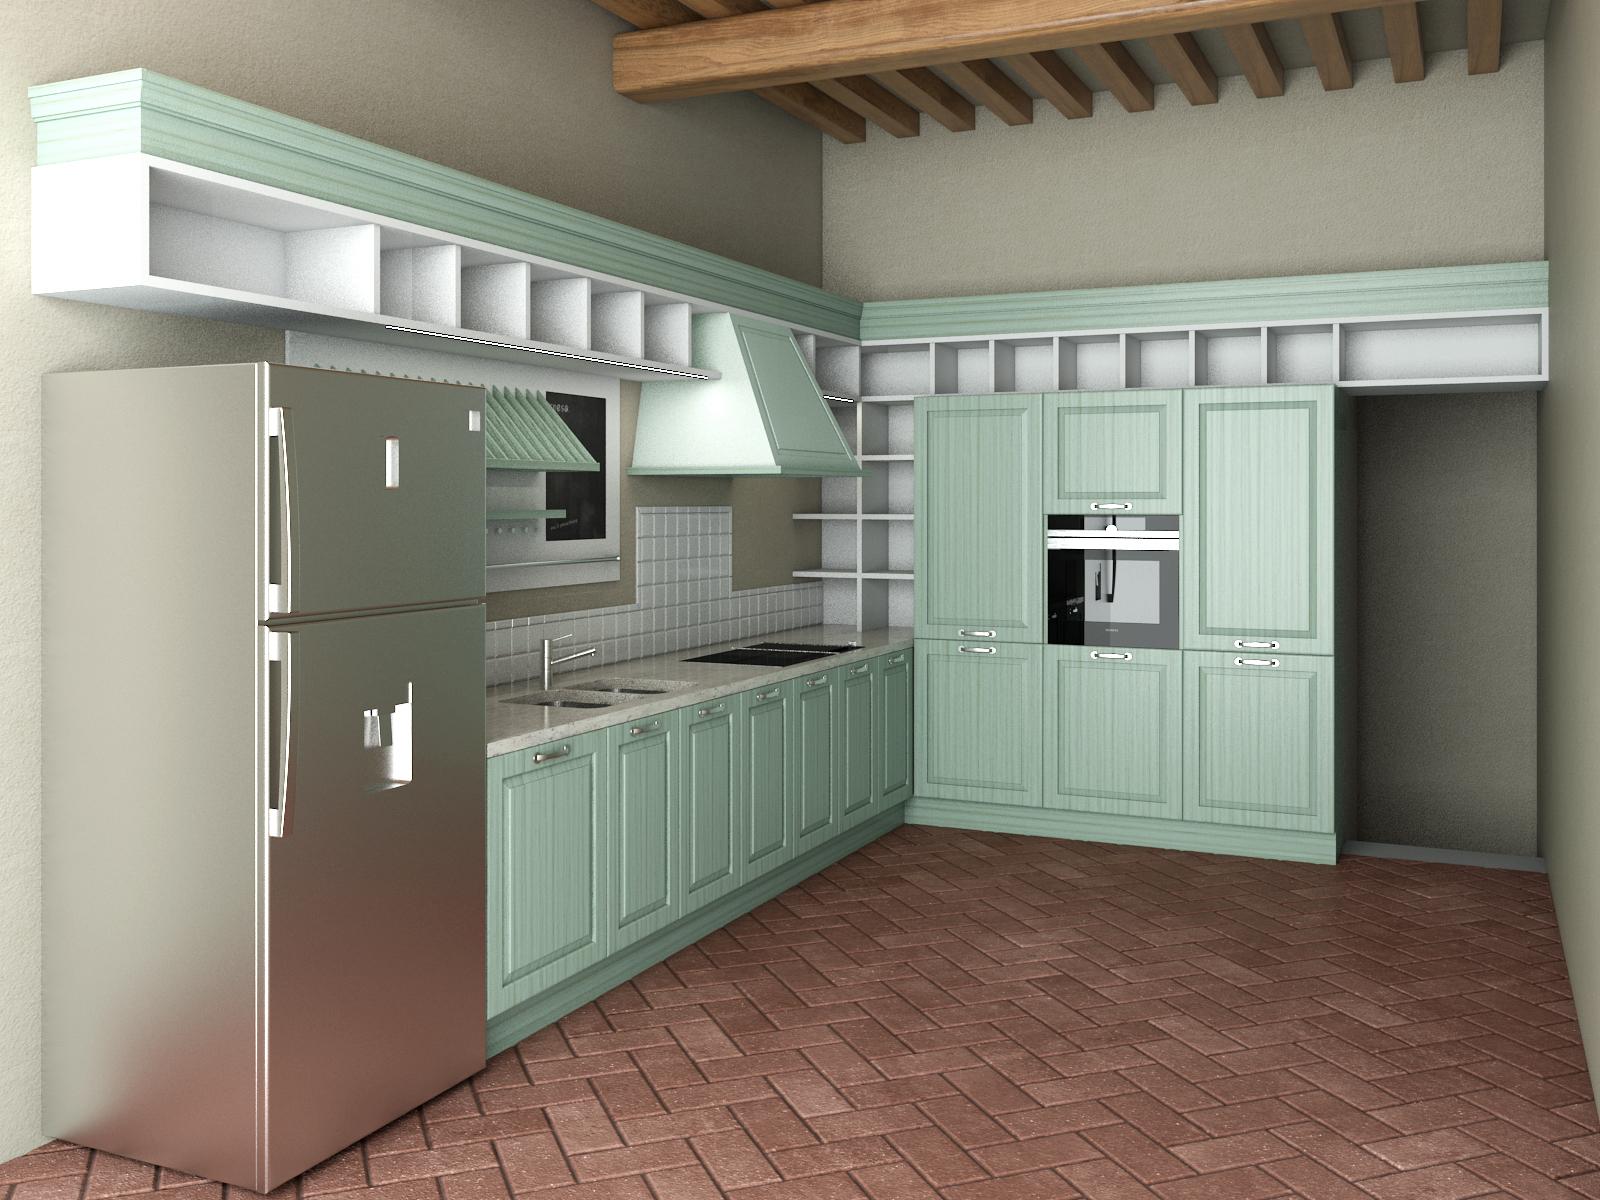 Studio architettura firenze cucine per casa colonica for Costo per costruire casa colonica